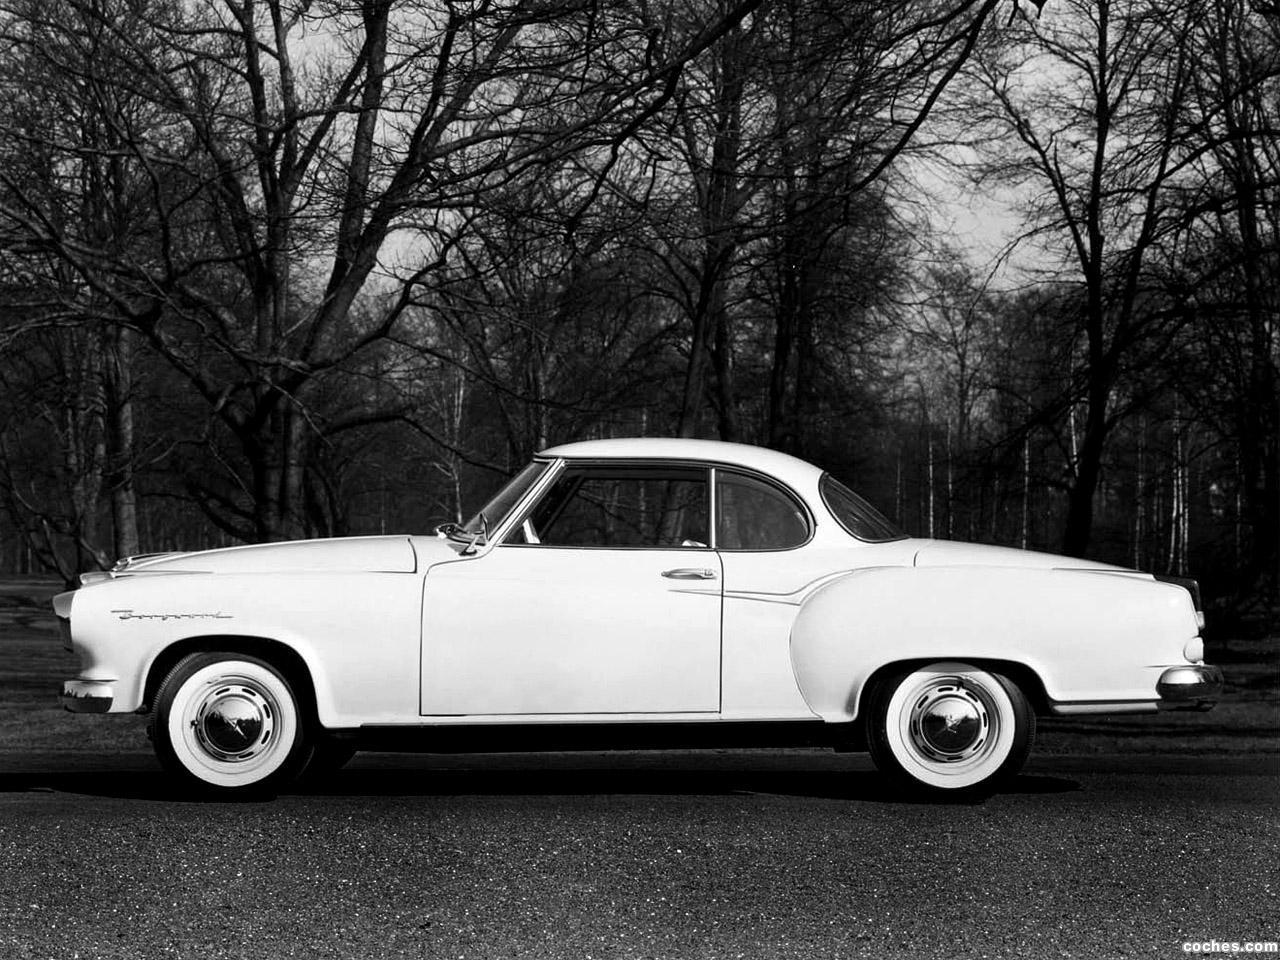 Foto 1 de Borgward Isabella Coupe 1958